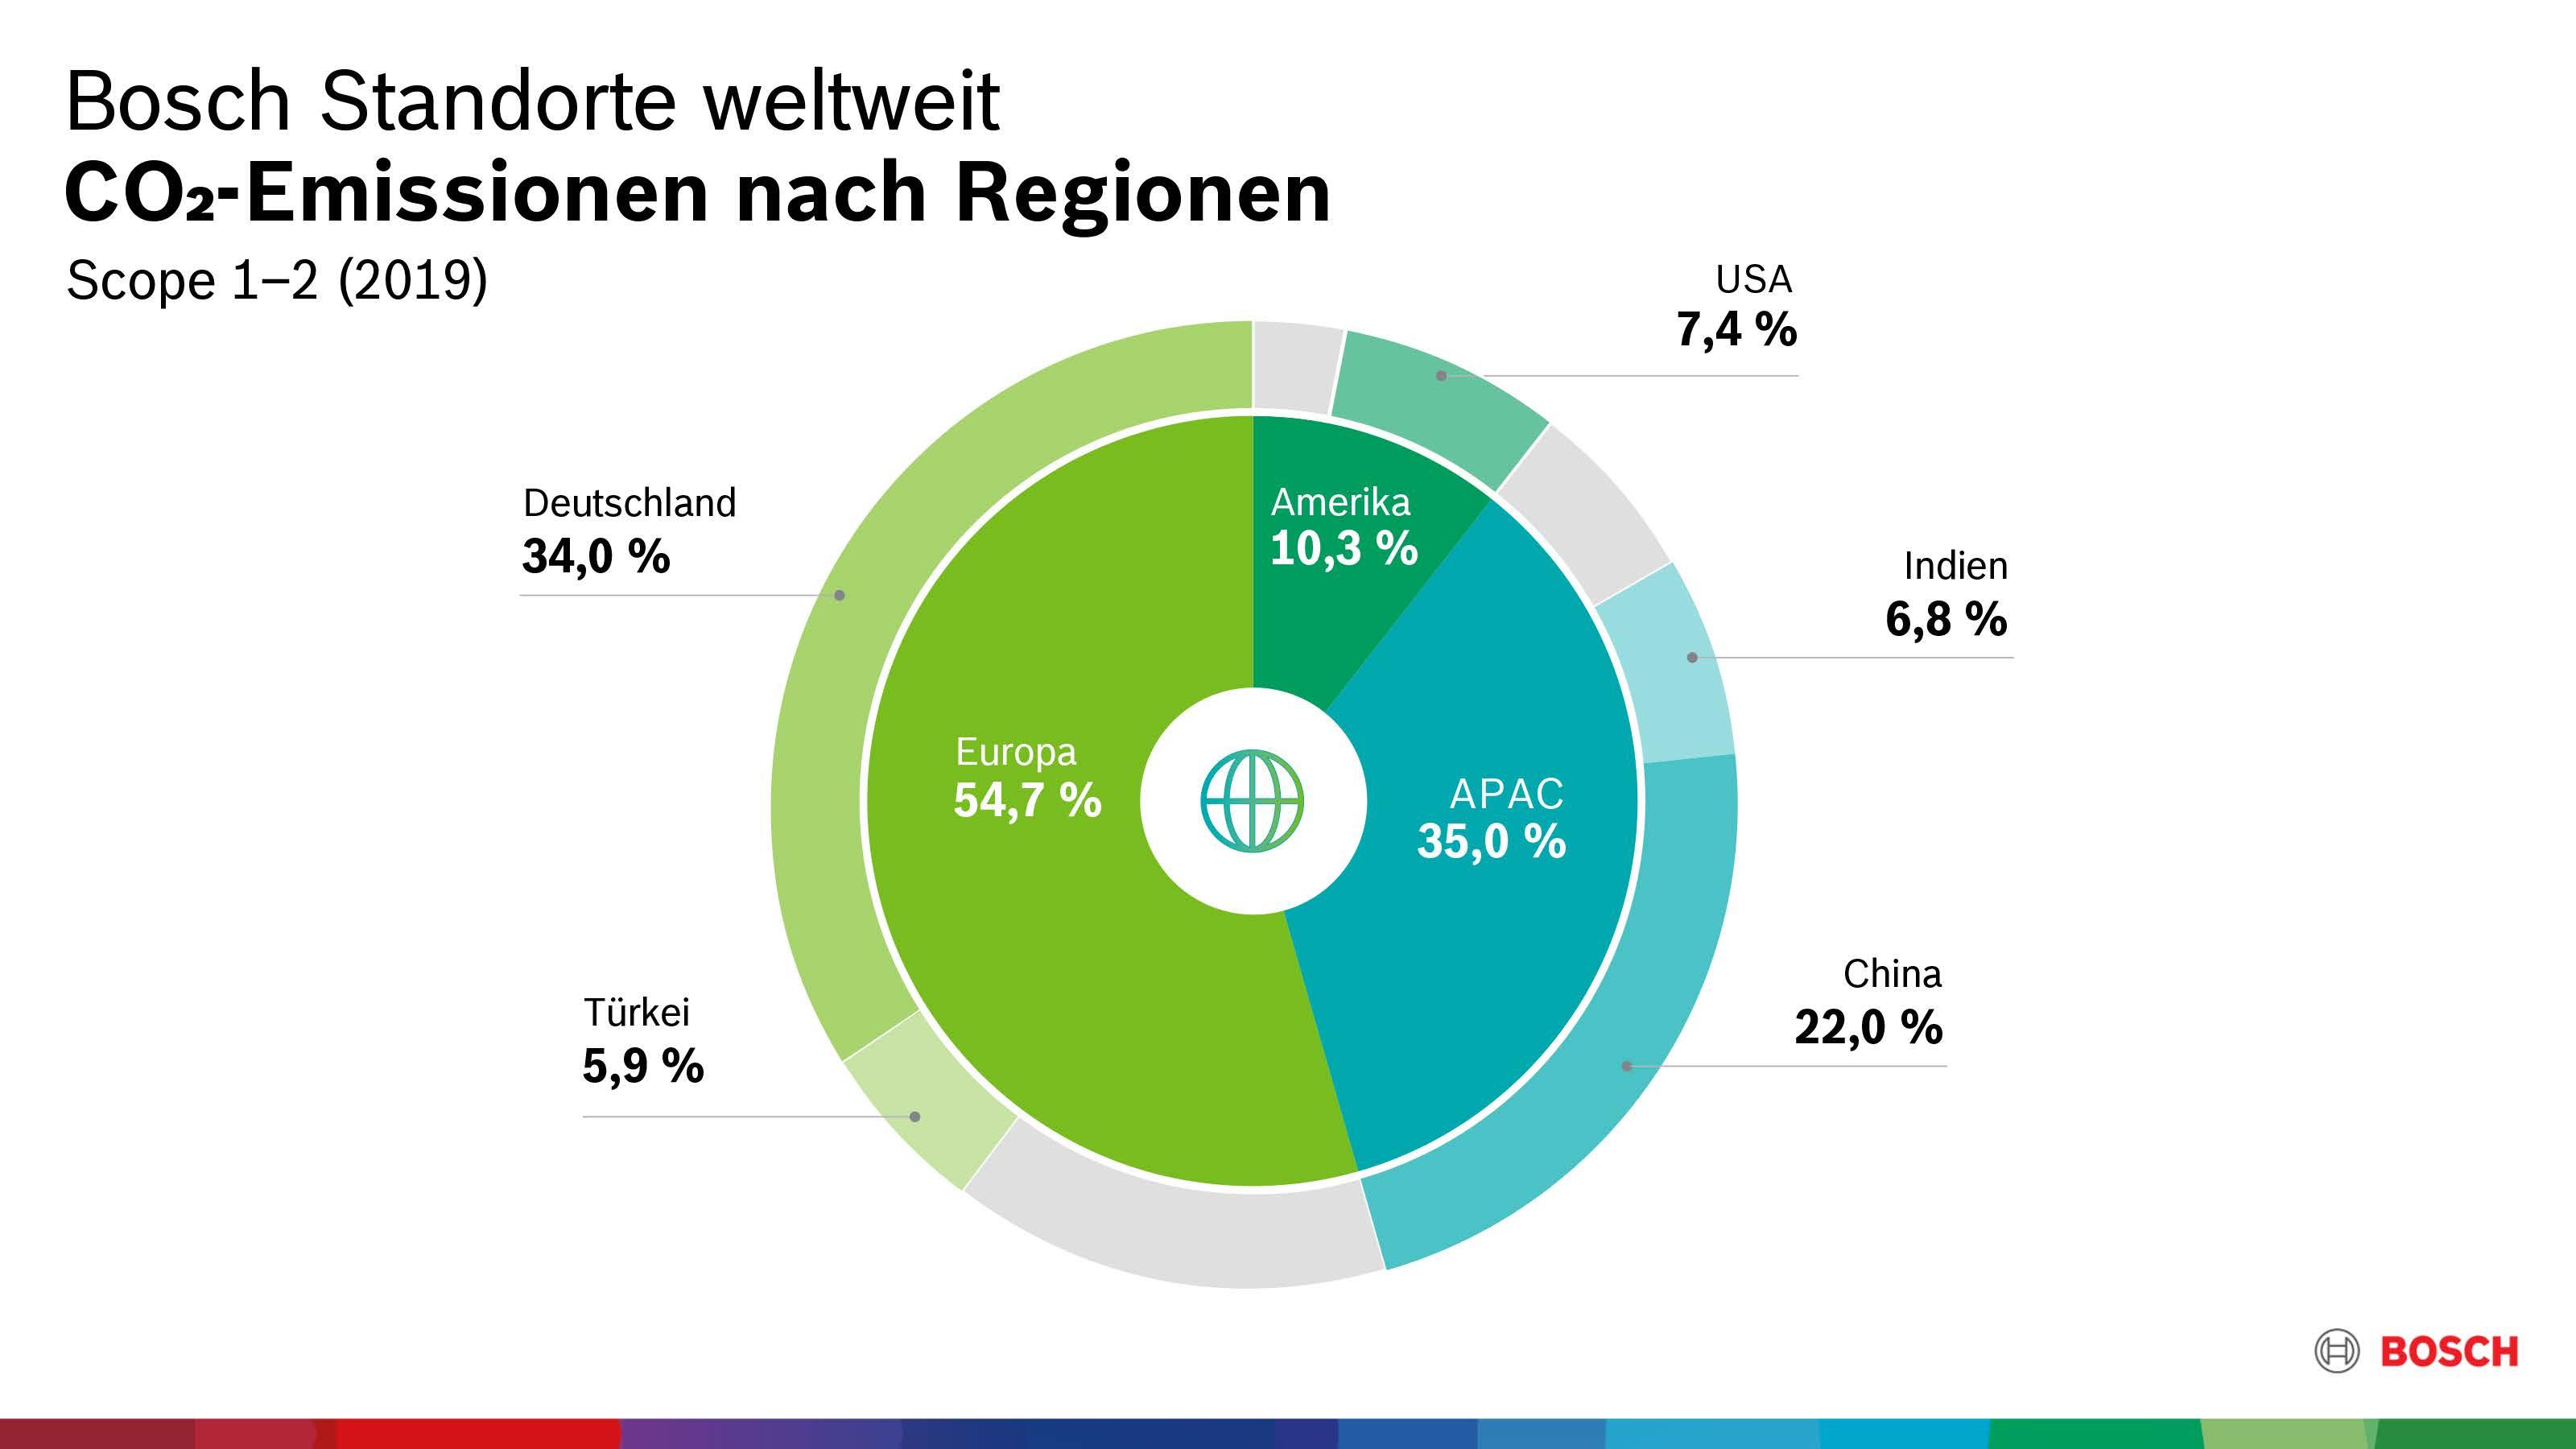 CO₂-Emissionen nach Regionen